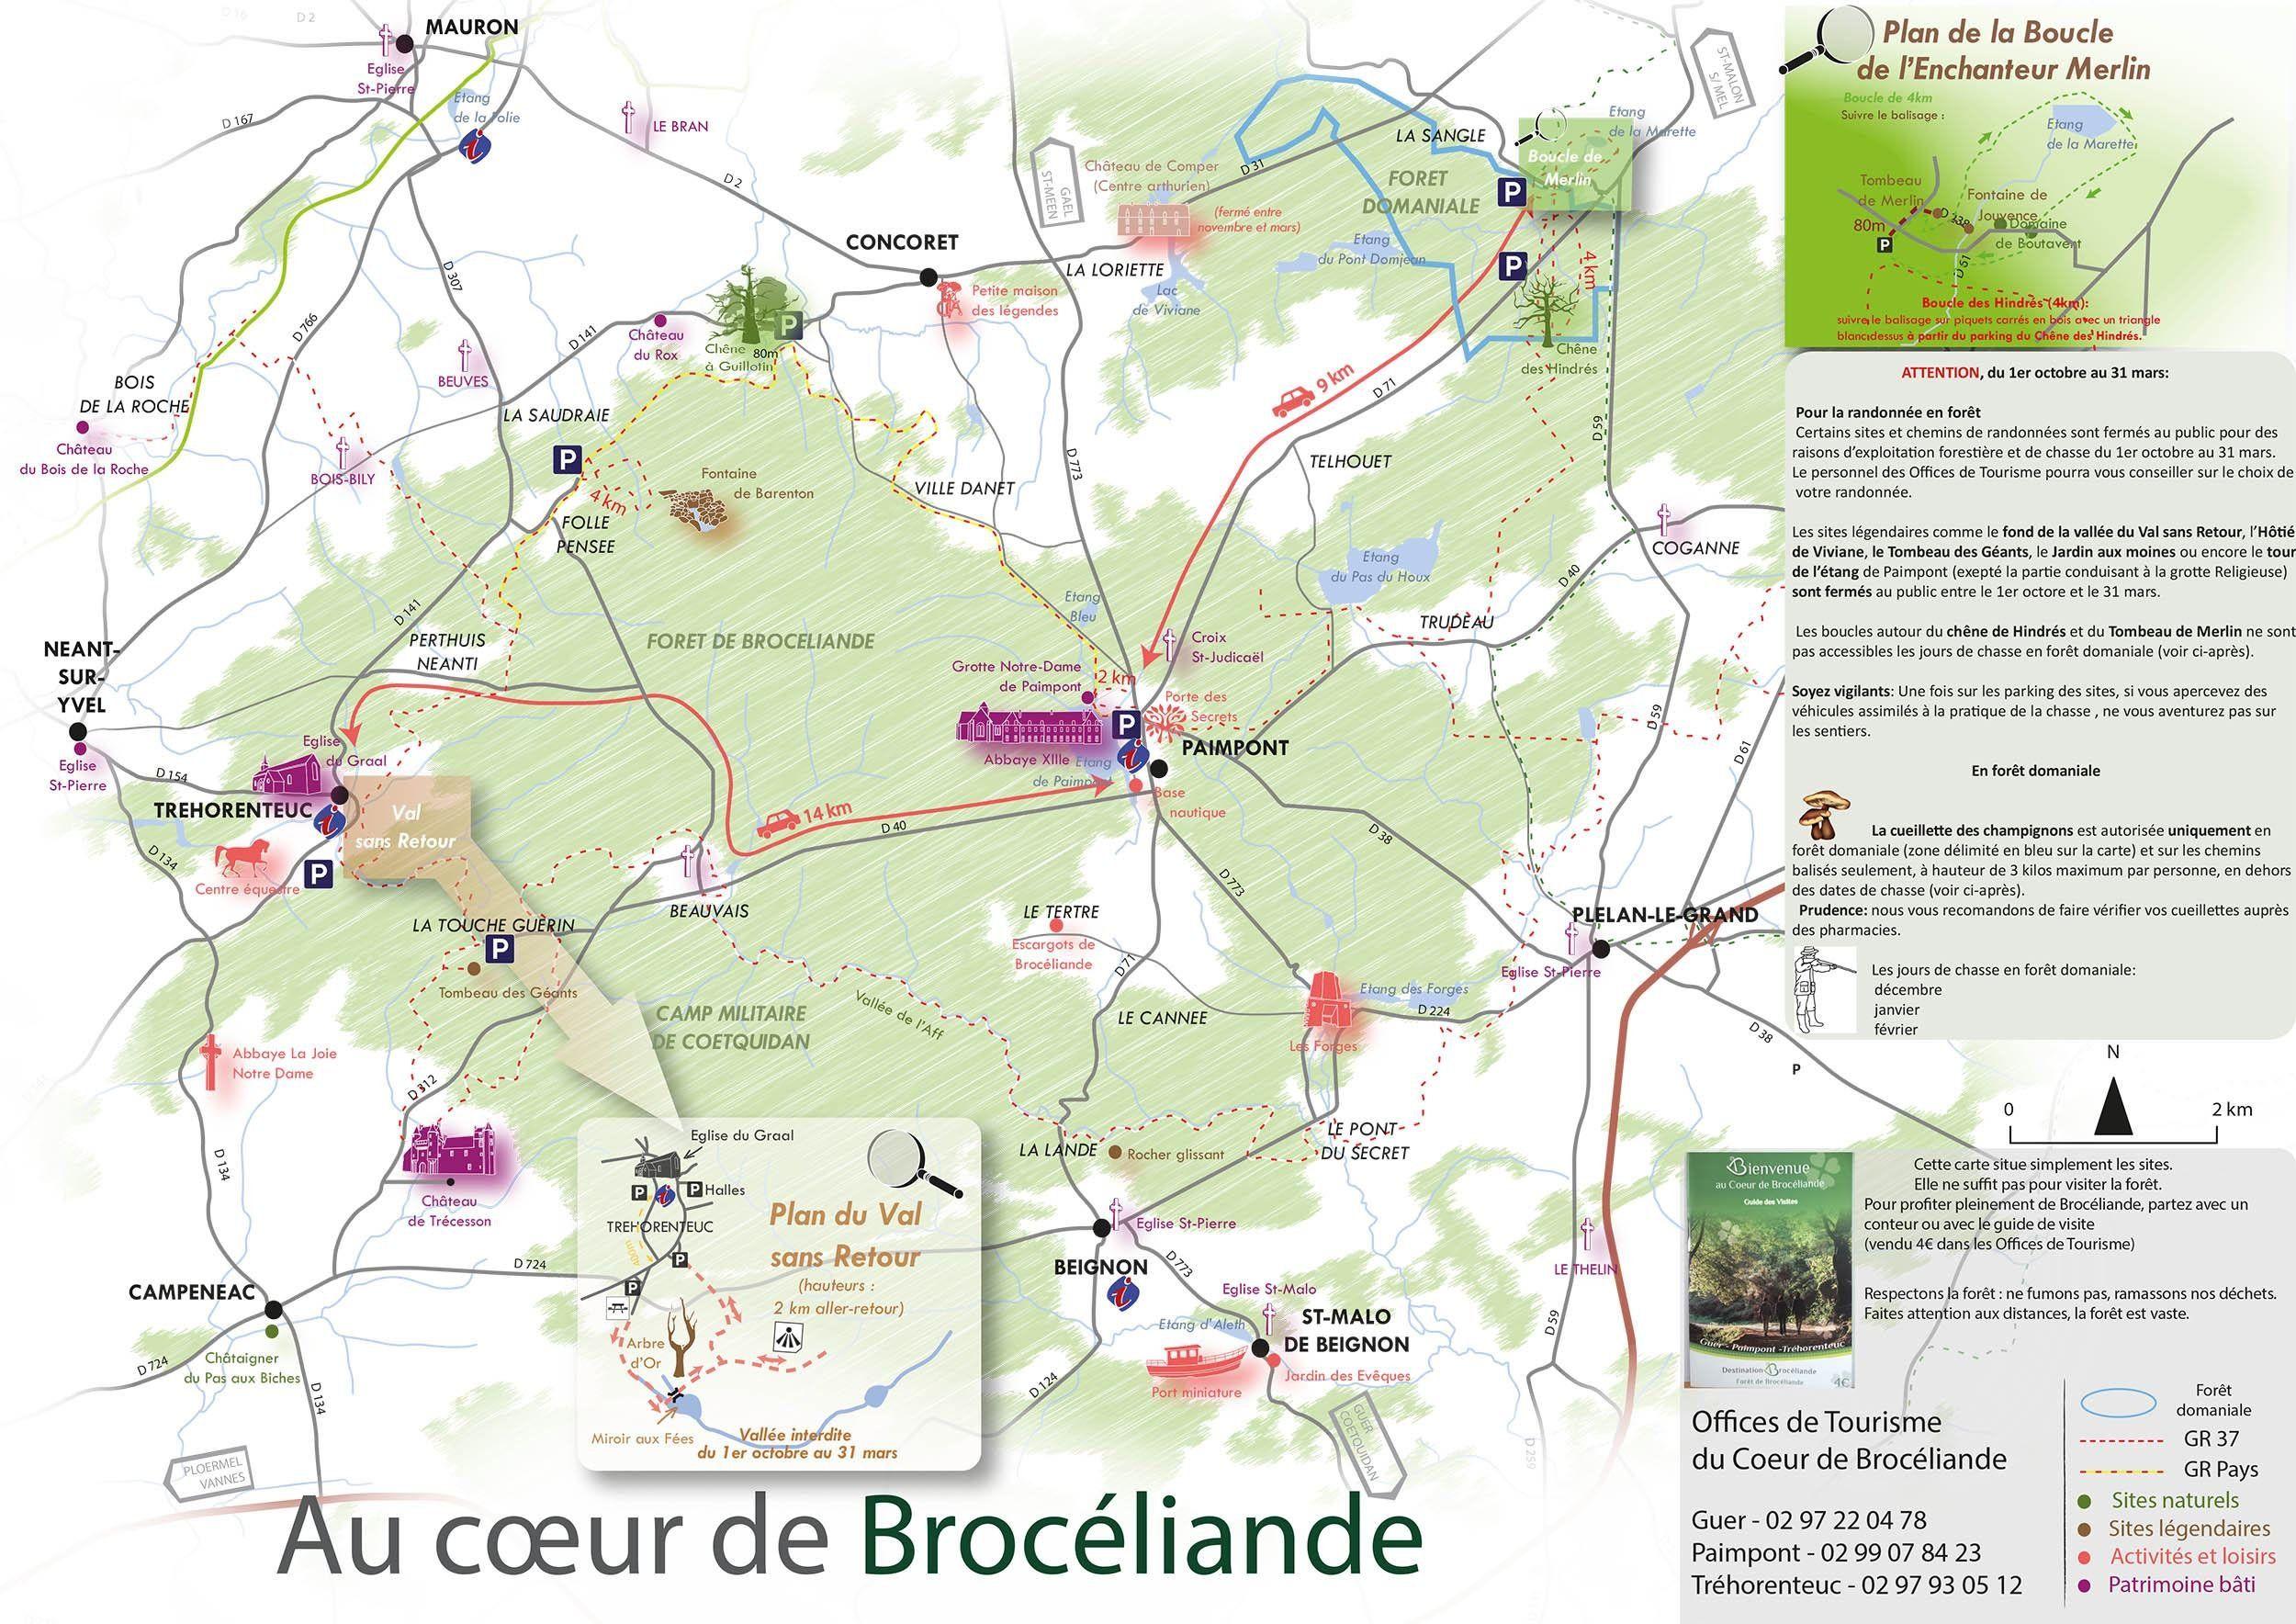 foret de paimpont carte Cartes de la forêt de (avec images) | Foret de broceliande